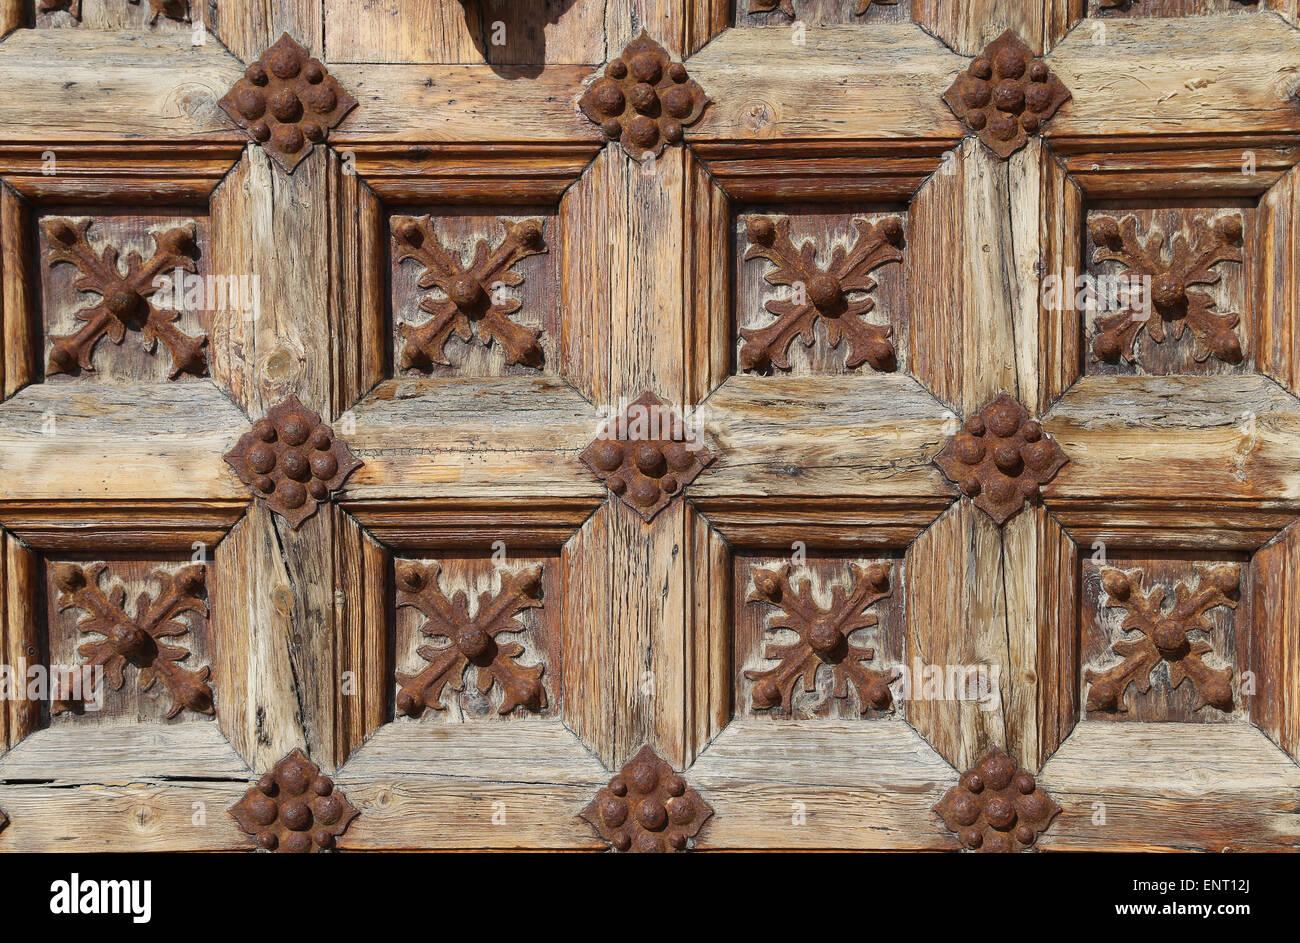 España. Cataluña. Sitges. Puerta. Detalle. Imagen De Stock